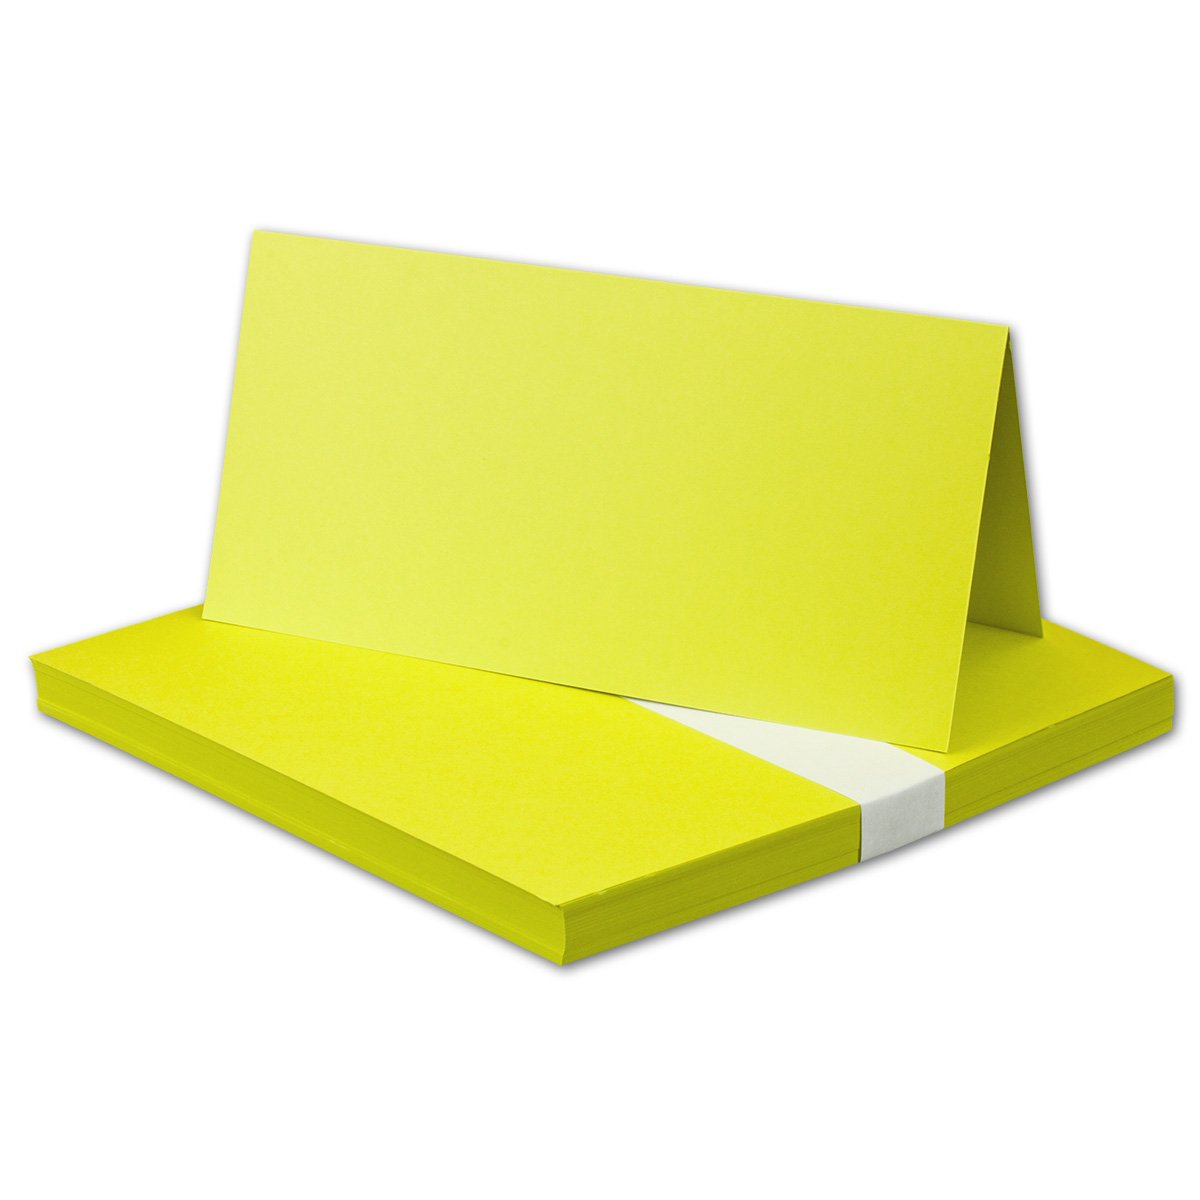 700 Faltkarten Din Lang - Hellgrau - Premium Qualität - 10,5 x 21 cm - Sehr formstabil - für Drucker Geeignet  - Qualitätsmarke  NEUSER FarbenFroh B07FKM1XPR | Für Ihre Wahl